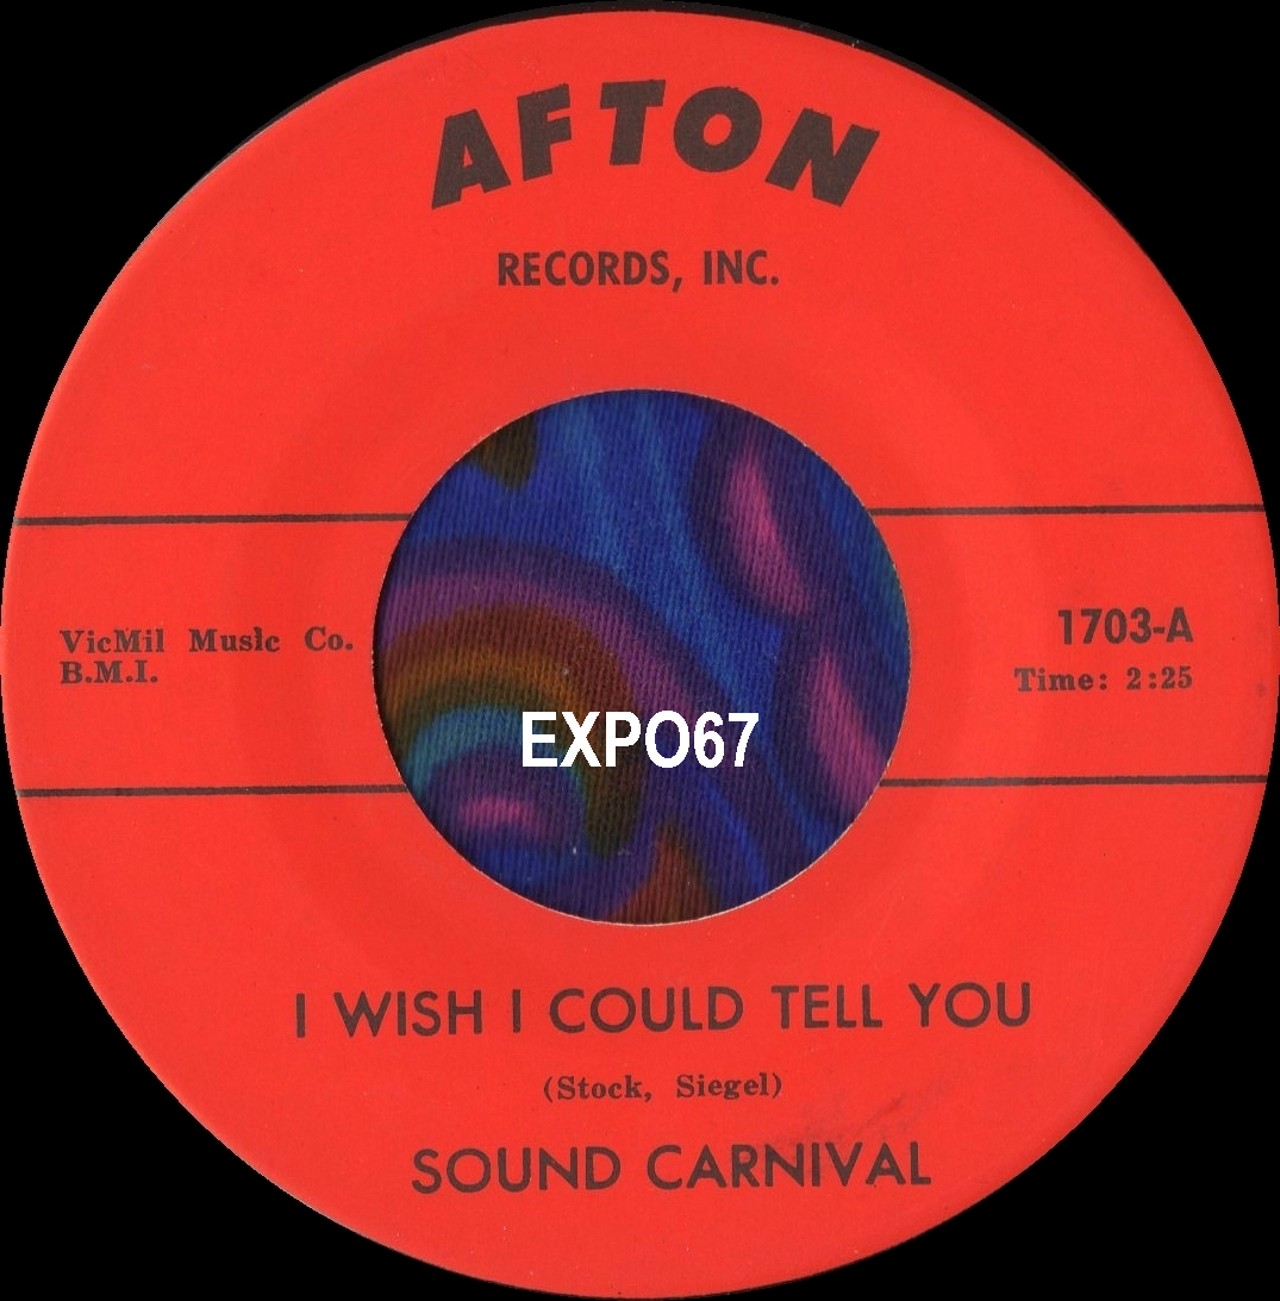 http://4.bp.blogspot.com/-Fl5mmRhhrsQ/TaoAnIb0wyI/AAAAAAAAEpQ/22poacQCvYs/s1600/Sound+Carnival+-+I+Wish+I+Could+Tell+You.jpg